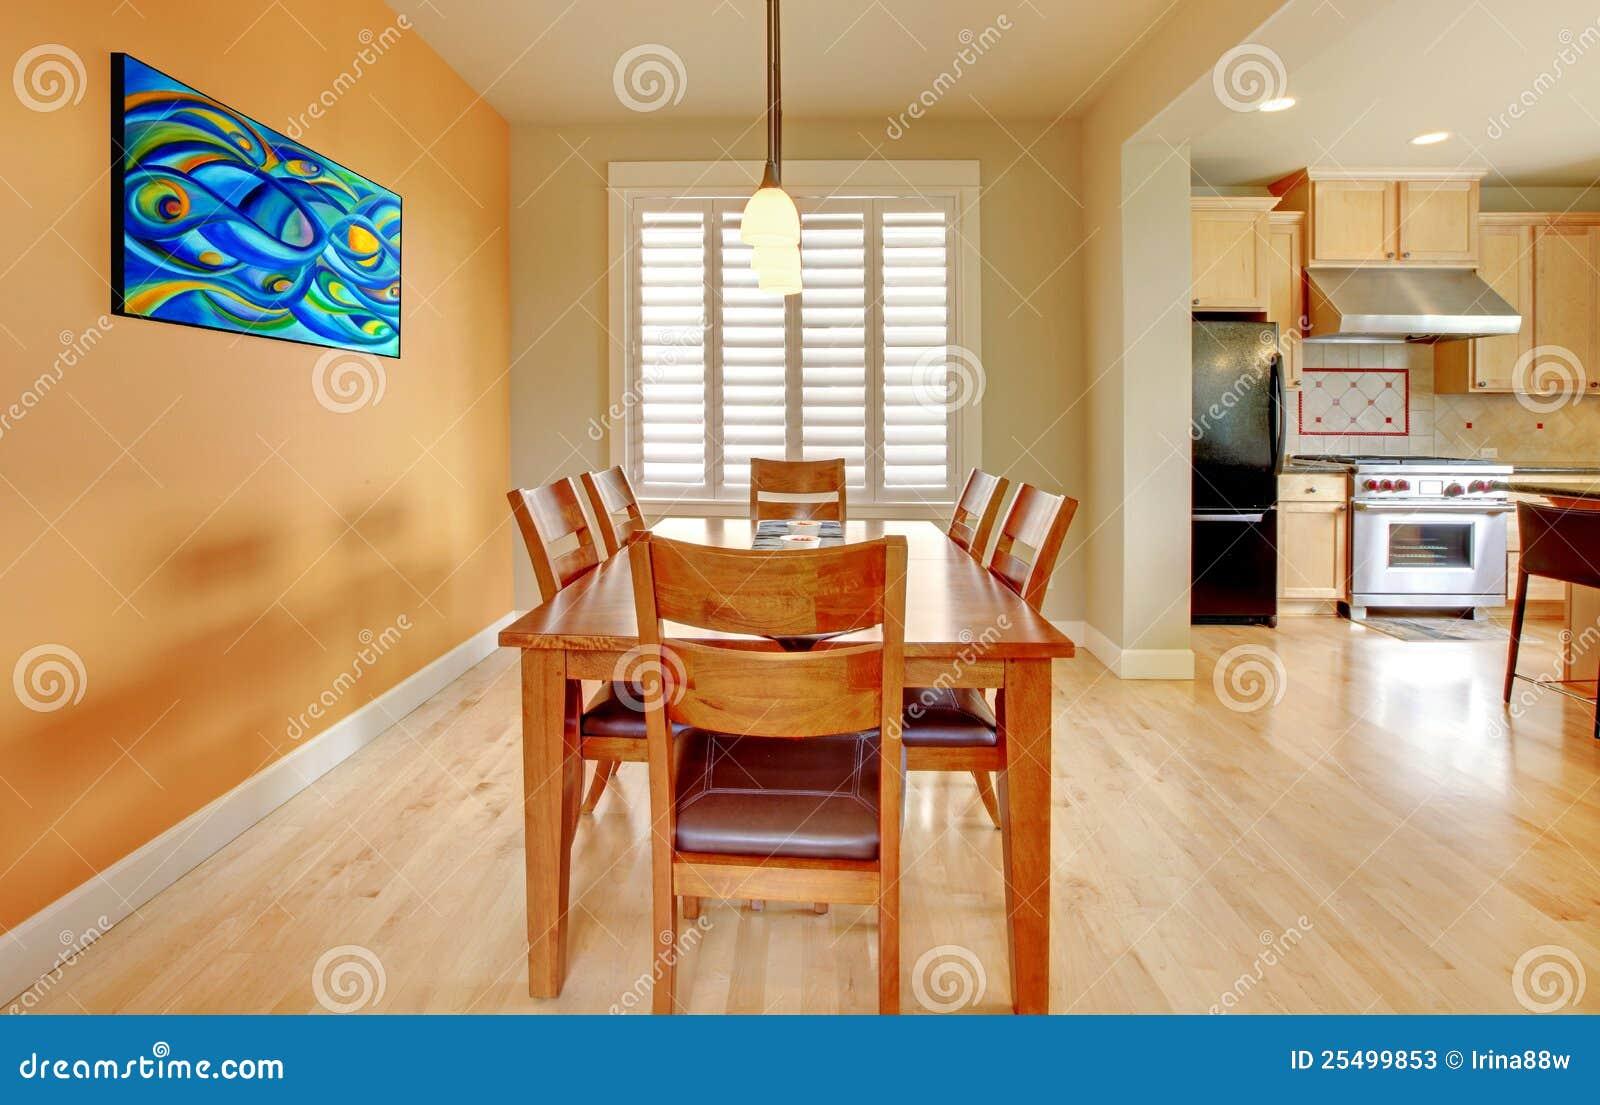 Oranje eetkamer met houten vloer en keuken stock foto 39 s afbeelding 25499853 - Eetkamer keuken ...